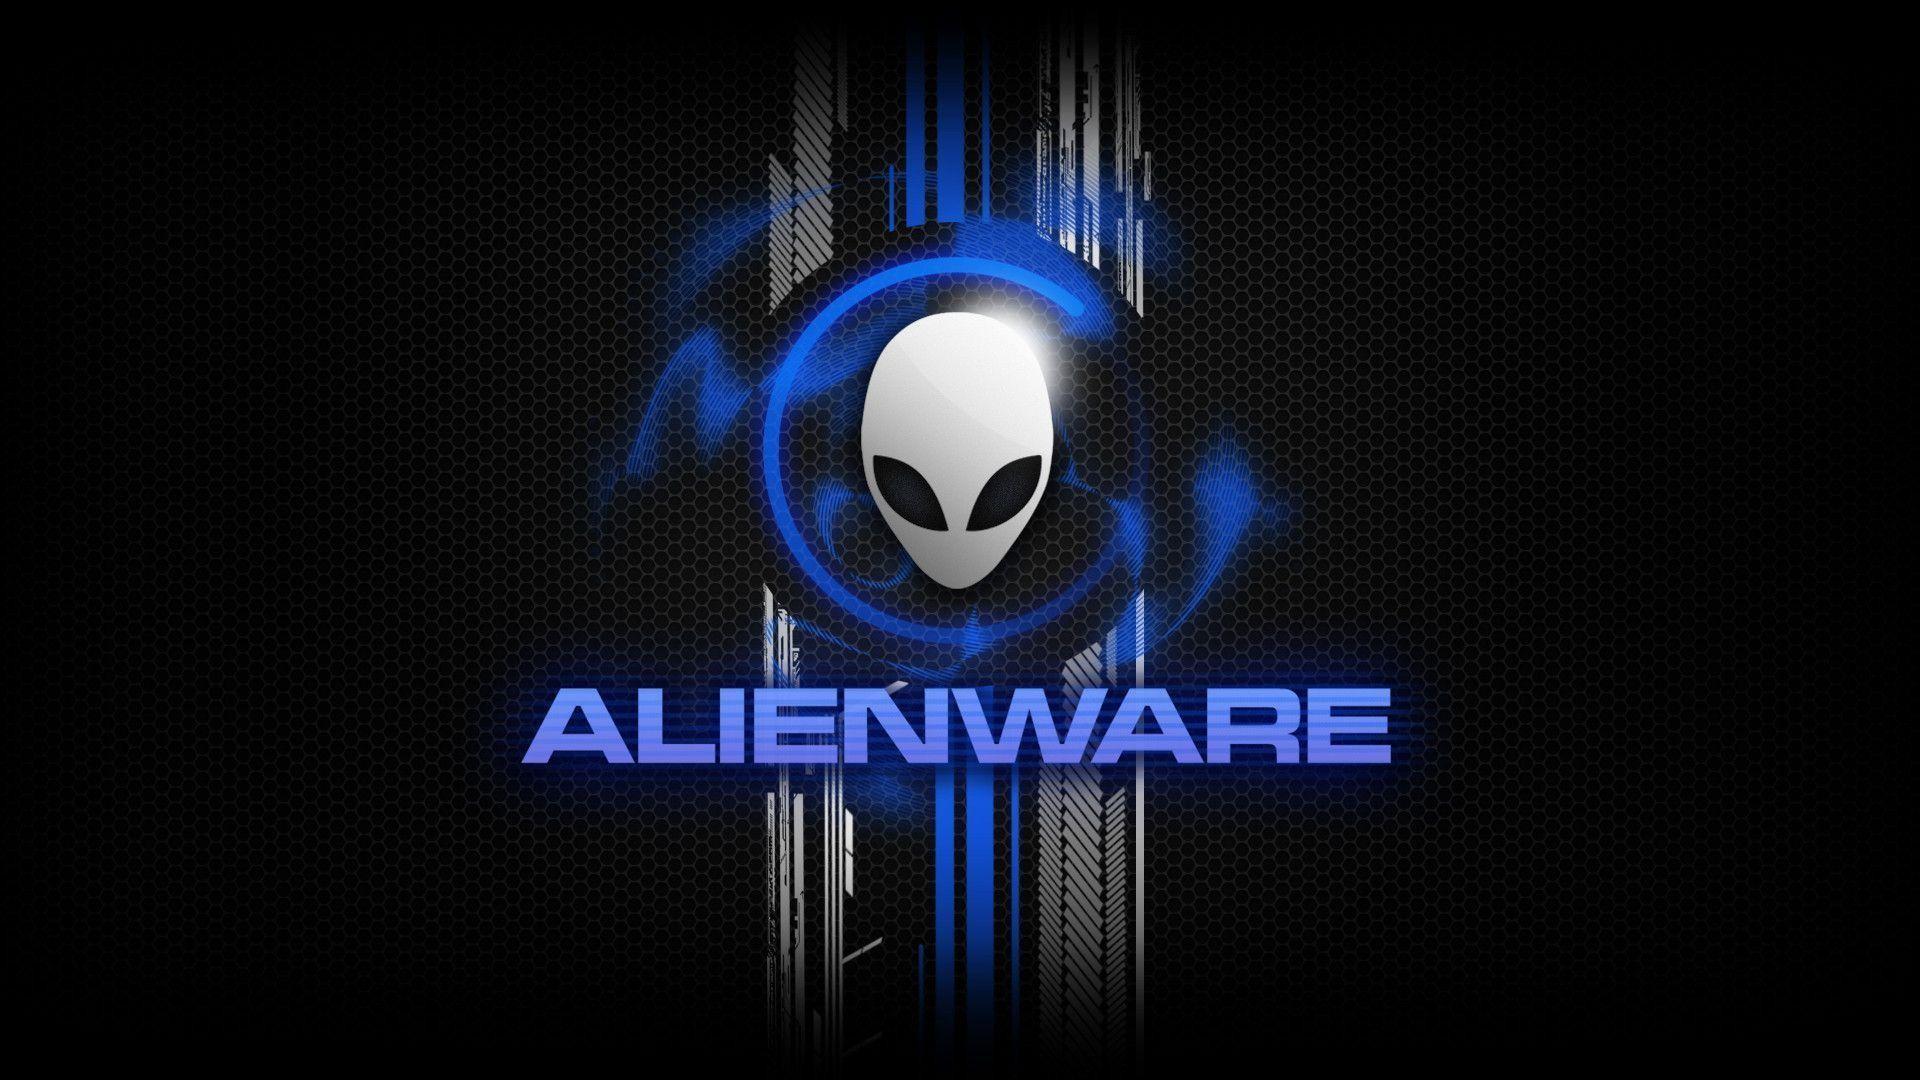 HD Alienware Wallpapers & Alienware Backgrounds for .